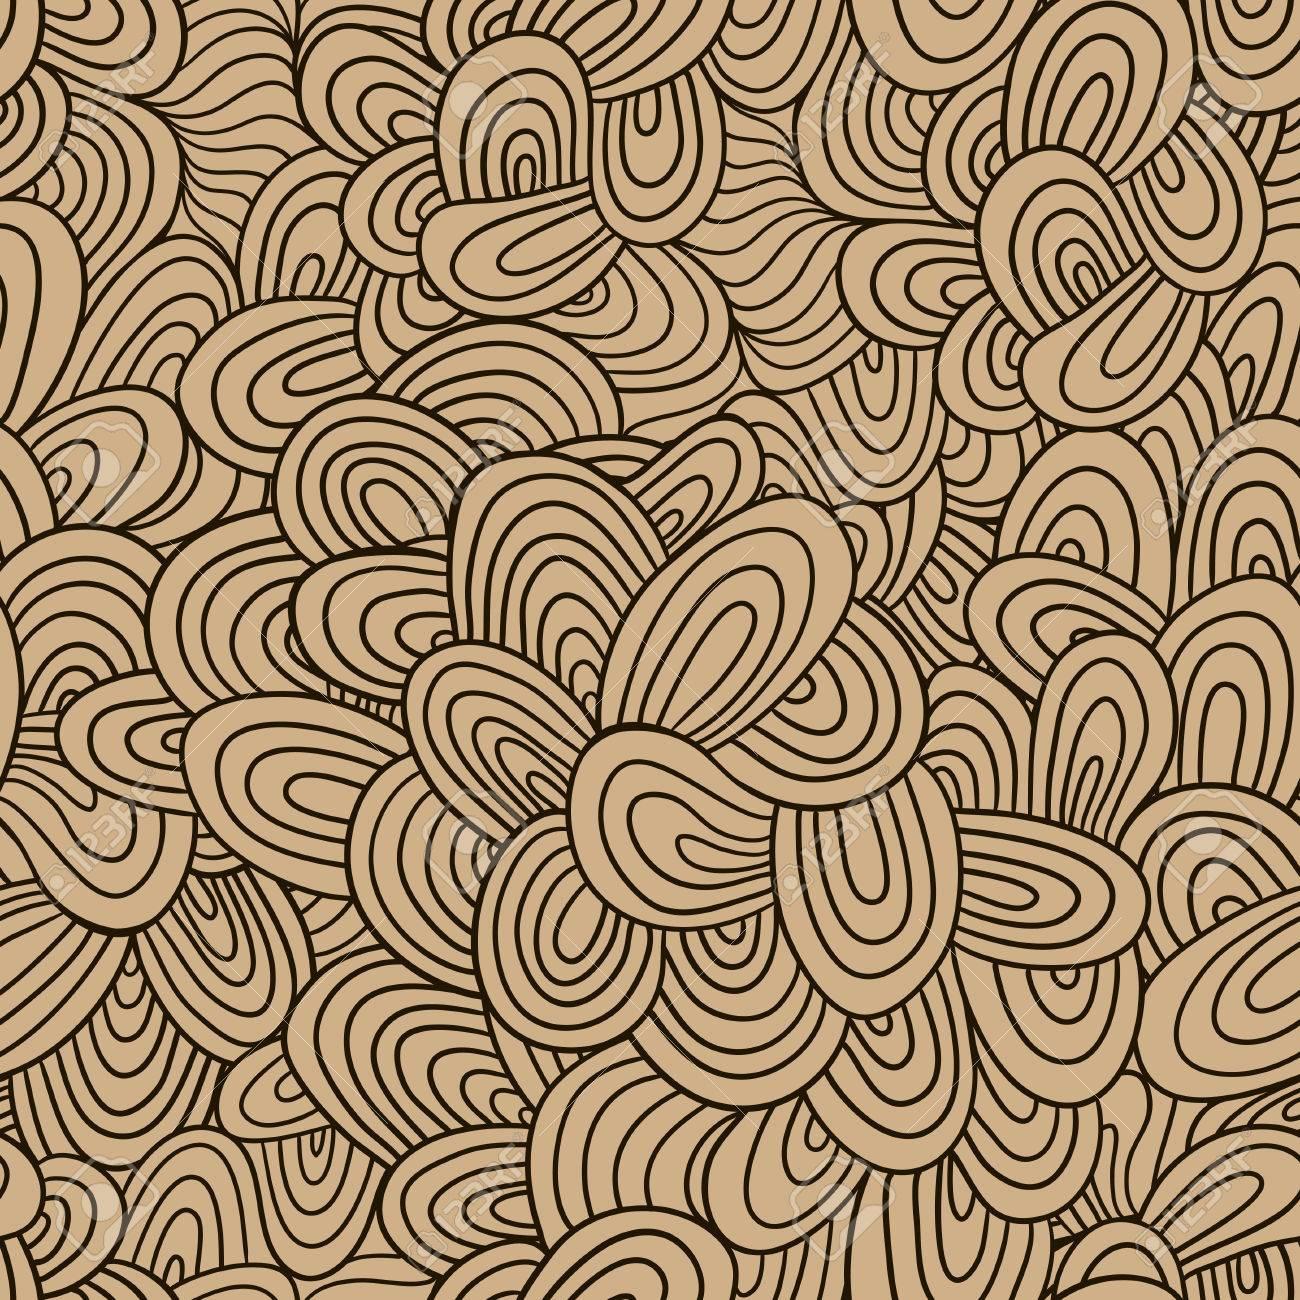 nahtlose wellenhandgezeichnete muster wellen hintergrund nahtlose fliesen kann fr tapeten muster - Tapeten Mit Muster